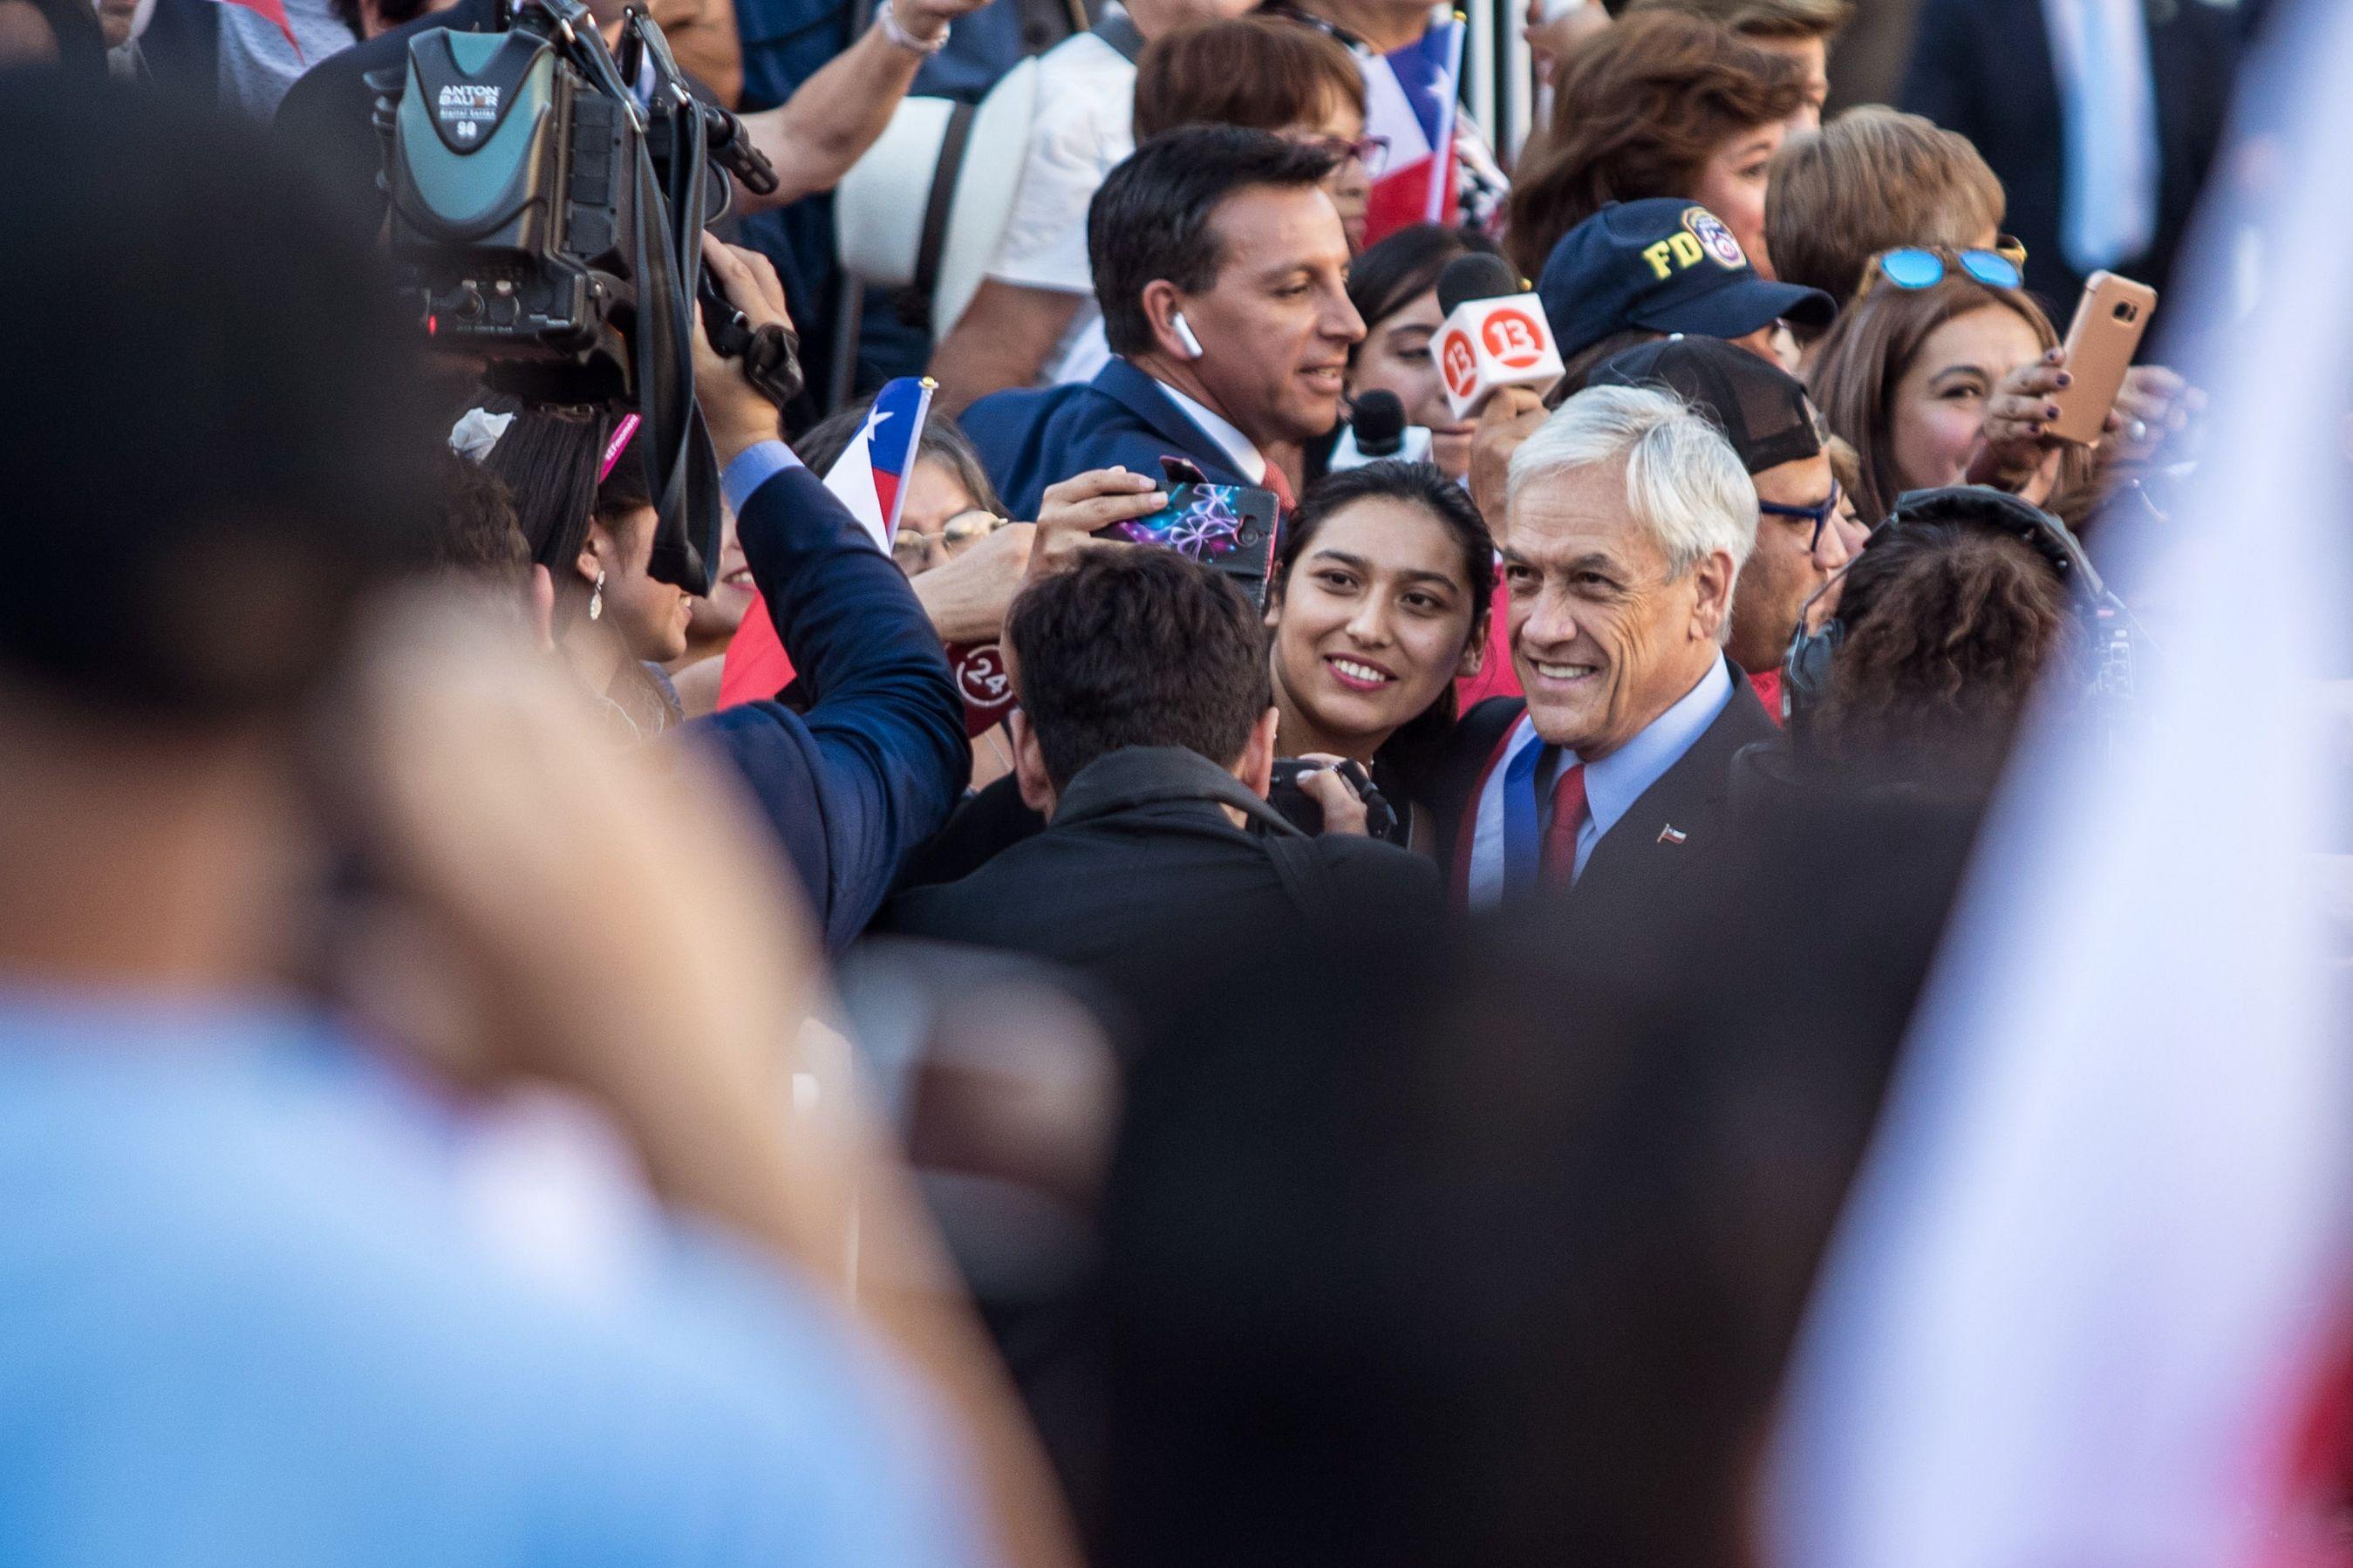 التقاط الصور مع الرئيس الجديد